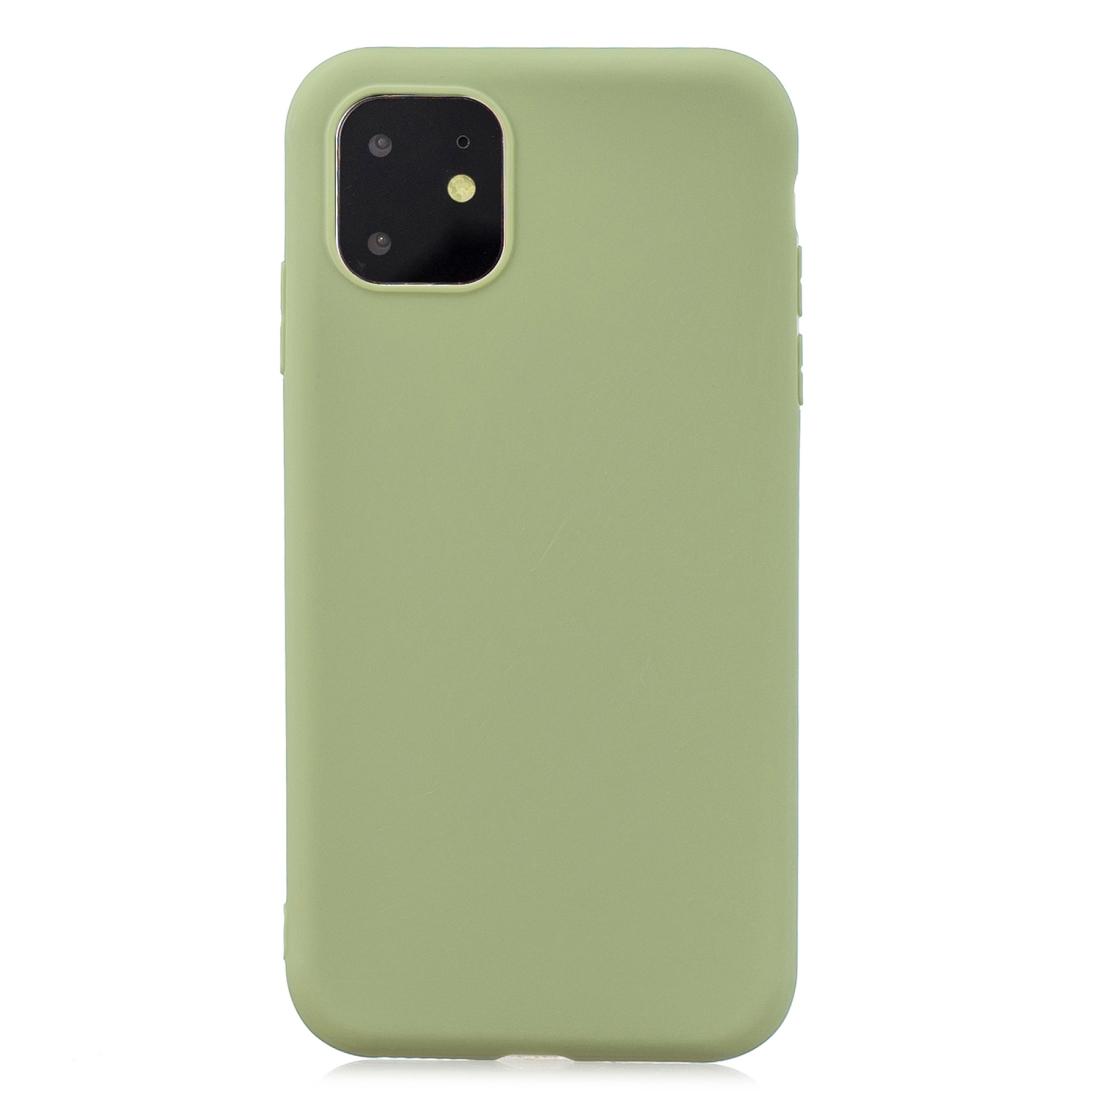 Matný silikonový obal na iPhone 11 - hráškově zelená